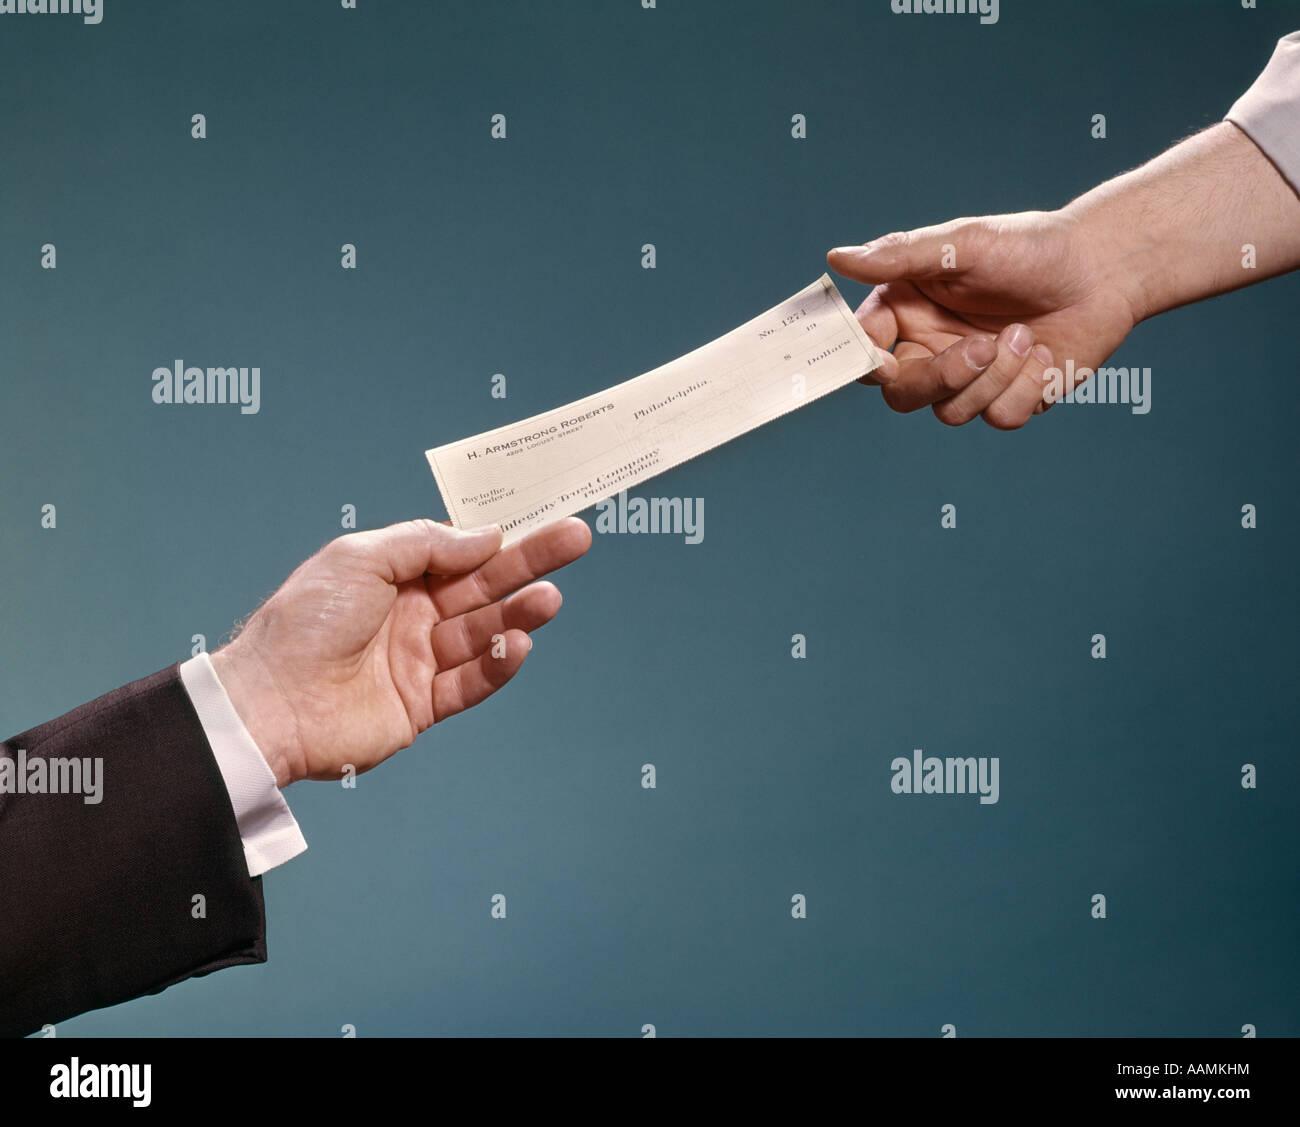 RETRO HANDS CHECK TRANSACTION MONEY EXCHANGE - Stock Image